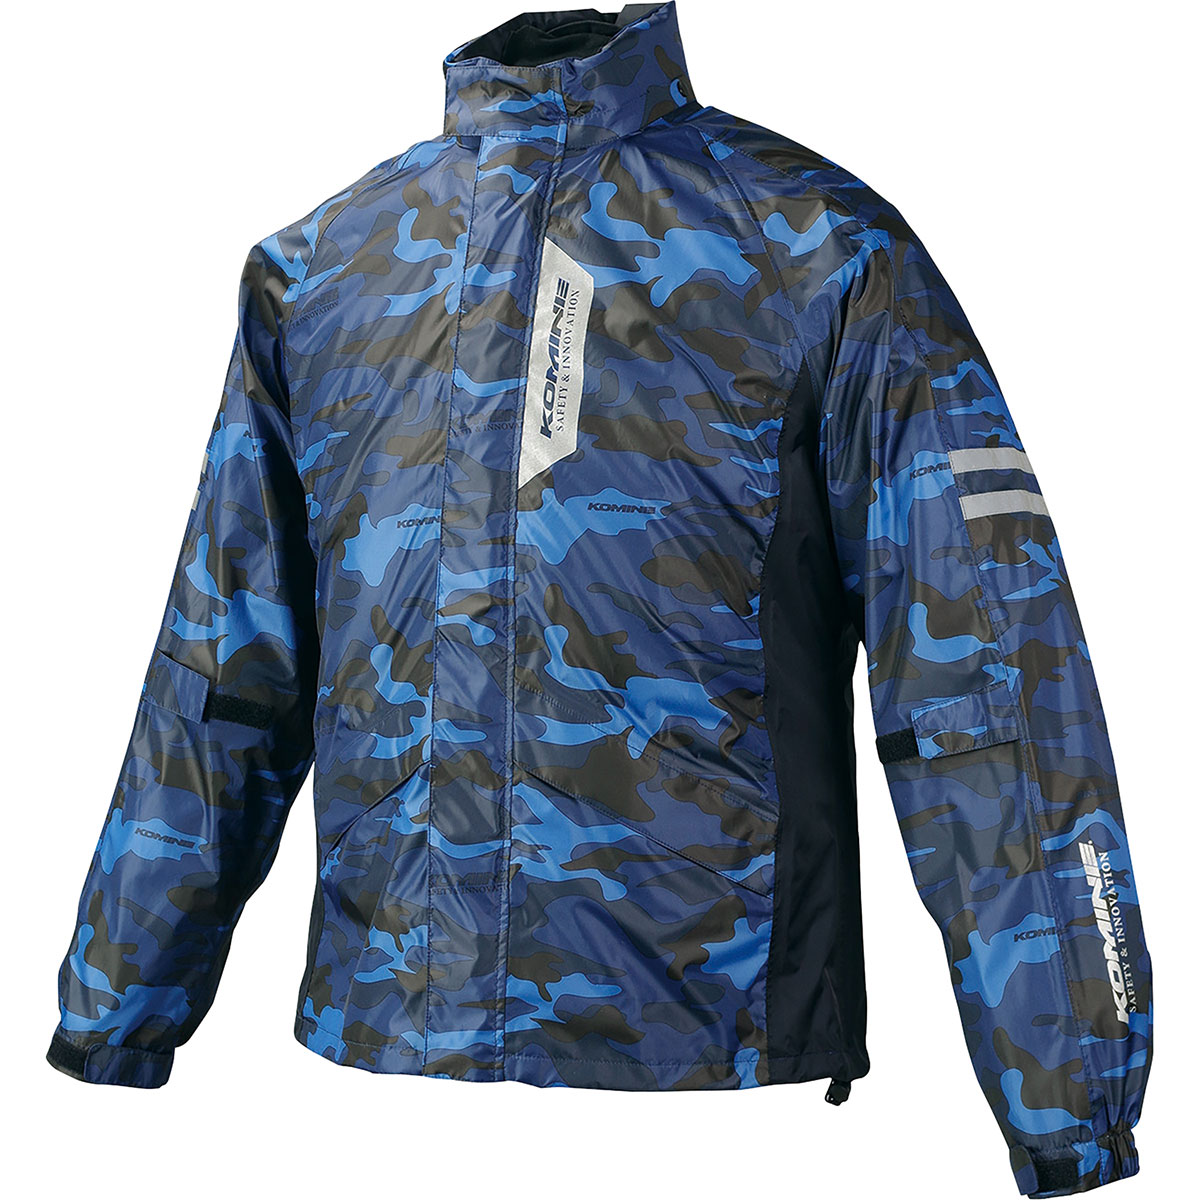 コミネ Komine バイク用 レインギア Rain gear RK-539 ブレスターレインウェア 03-539 お洒落 1着でも送料無料 XLサイズ BL カモ XL 迷彩 ブルー フィアート